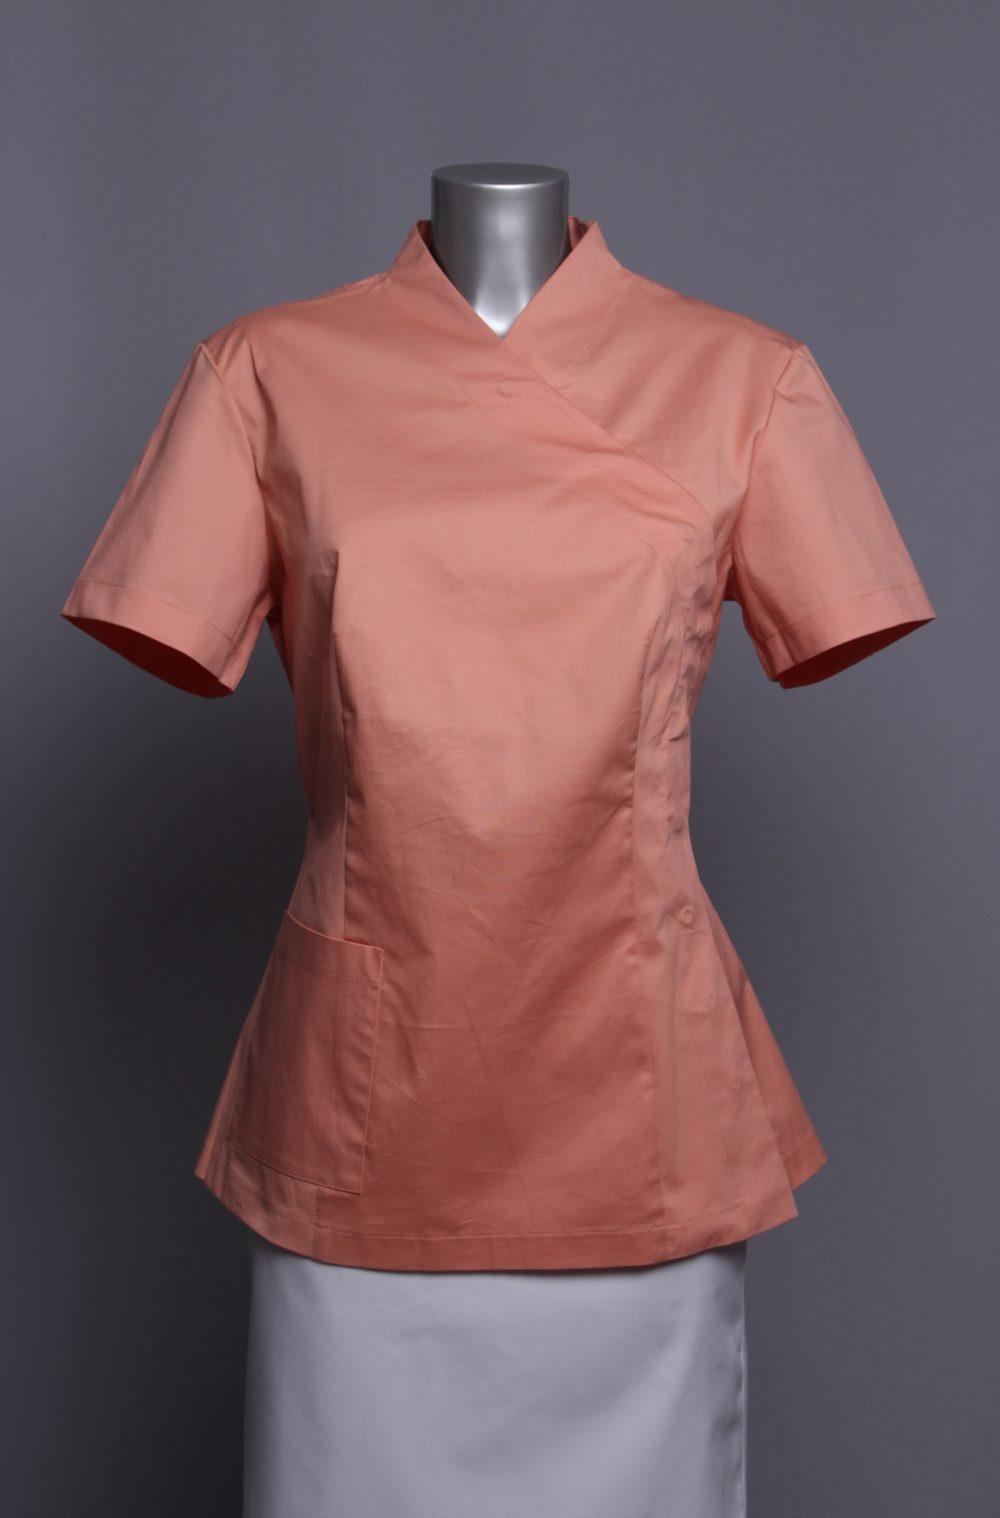 medicinske kute, medicinska radna odjeća, uniforme, kute za kozmetičke salone